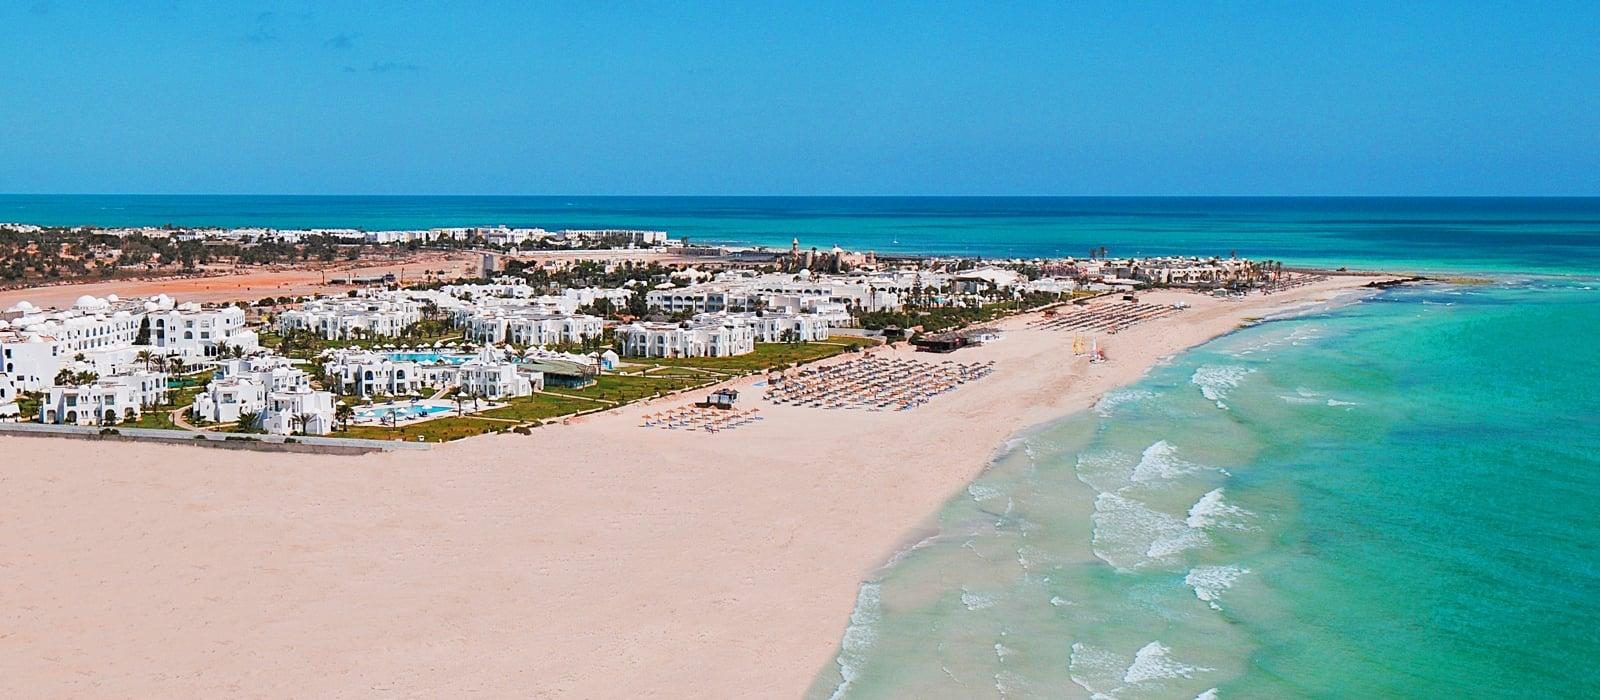 Hoteles Vincci. Die schönsten Hotels in Djerba, Tunesien.